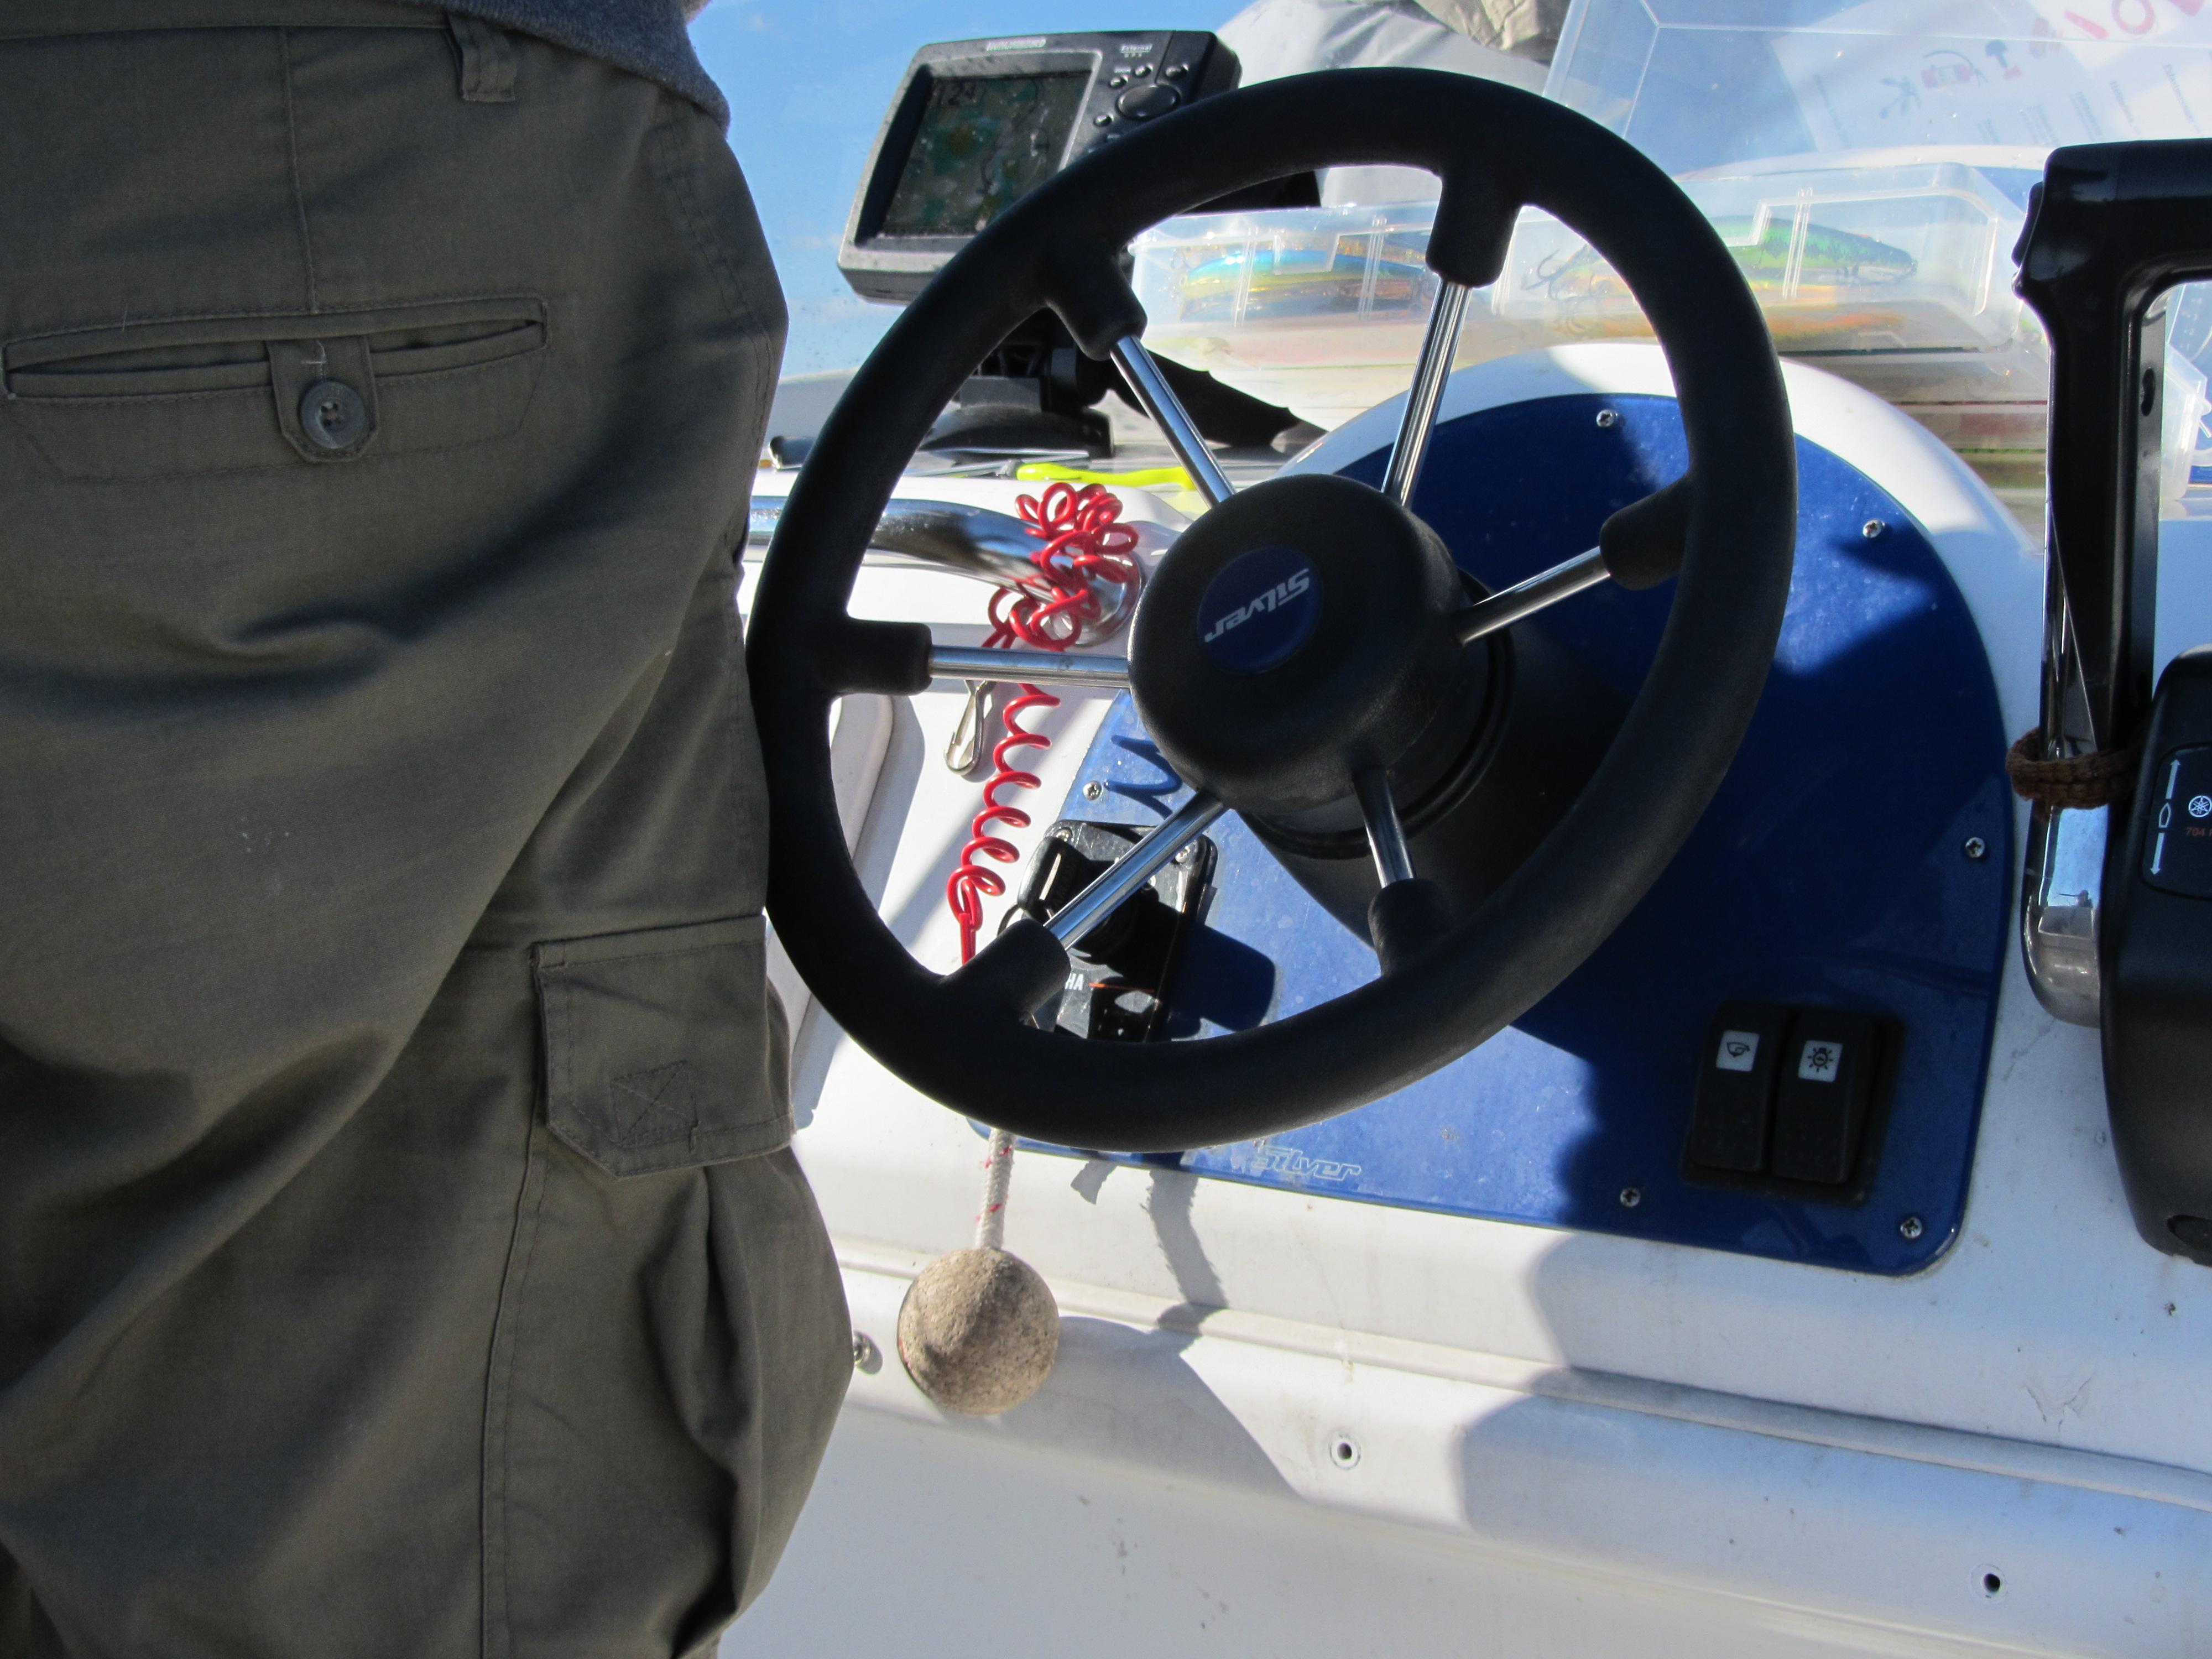 Merimiestaito: Ohjaus ja hallinta tutuksi kaikille